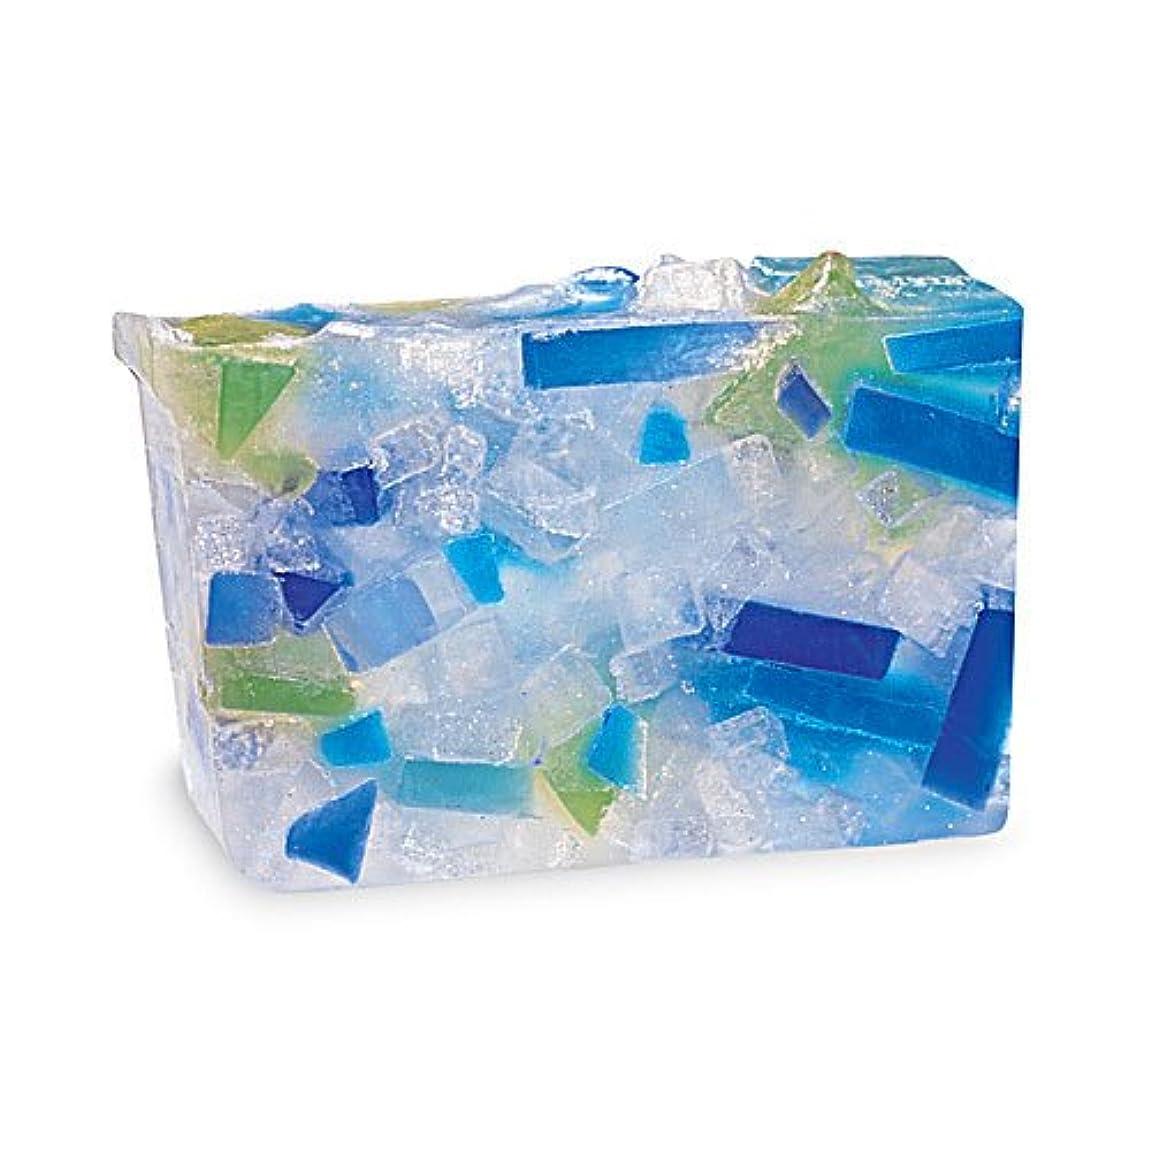 紛争暖かくラウズプライモールエレメンツ アロマティック ソープ ビーチグラス 180g 植物性 ナチュラル 石鹸 無添加